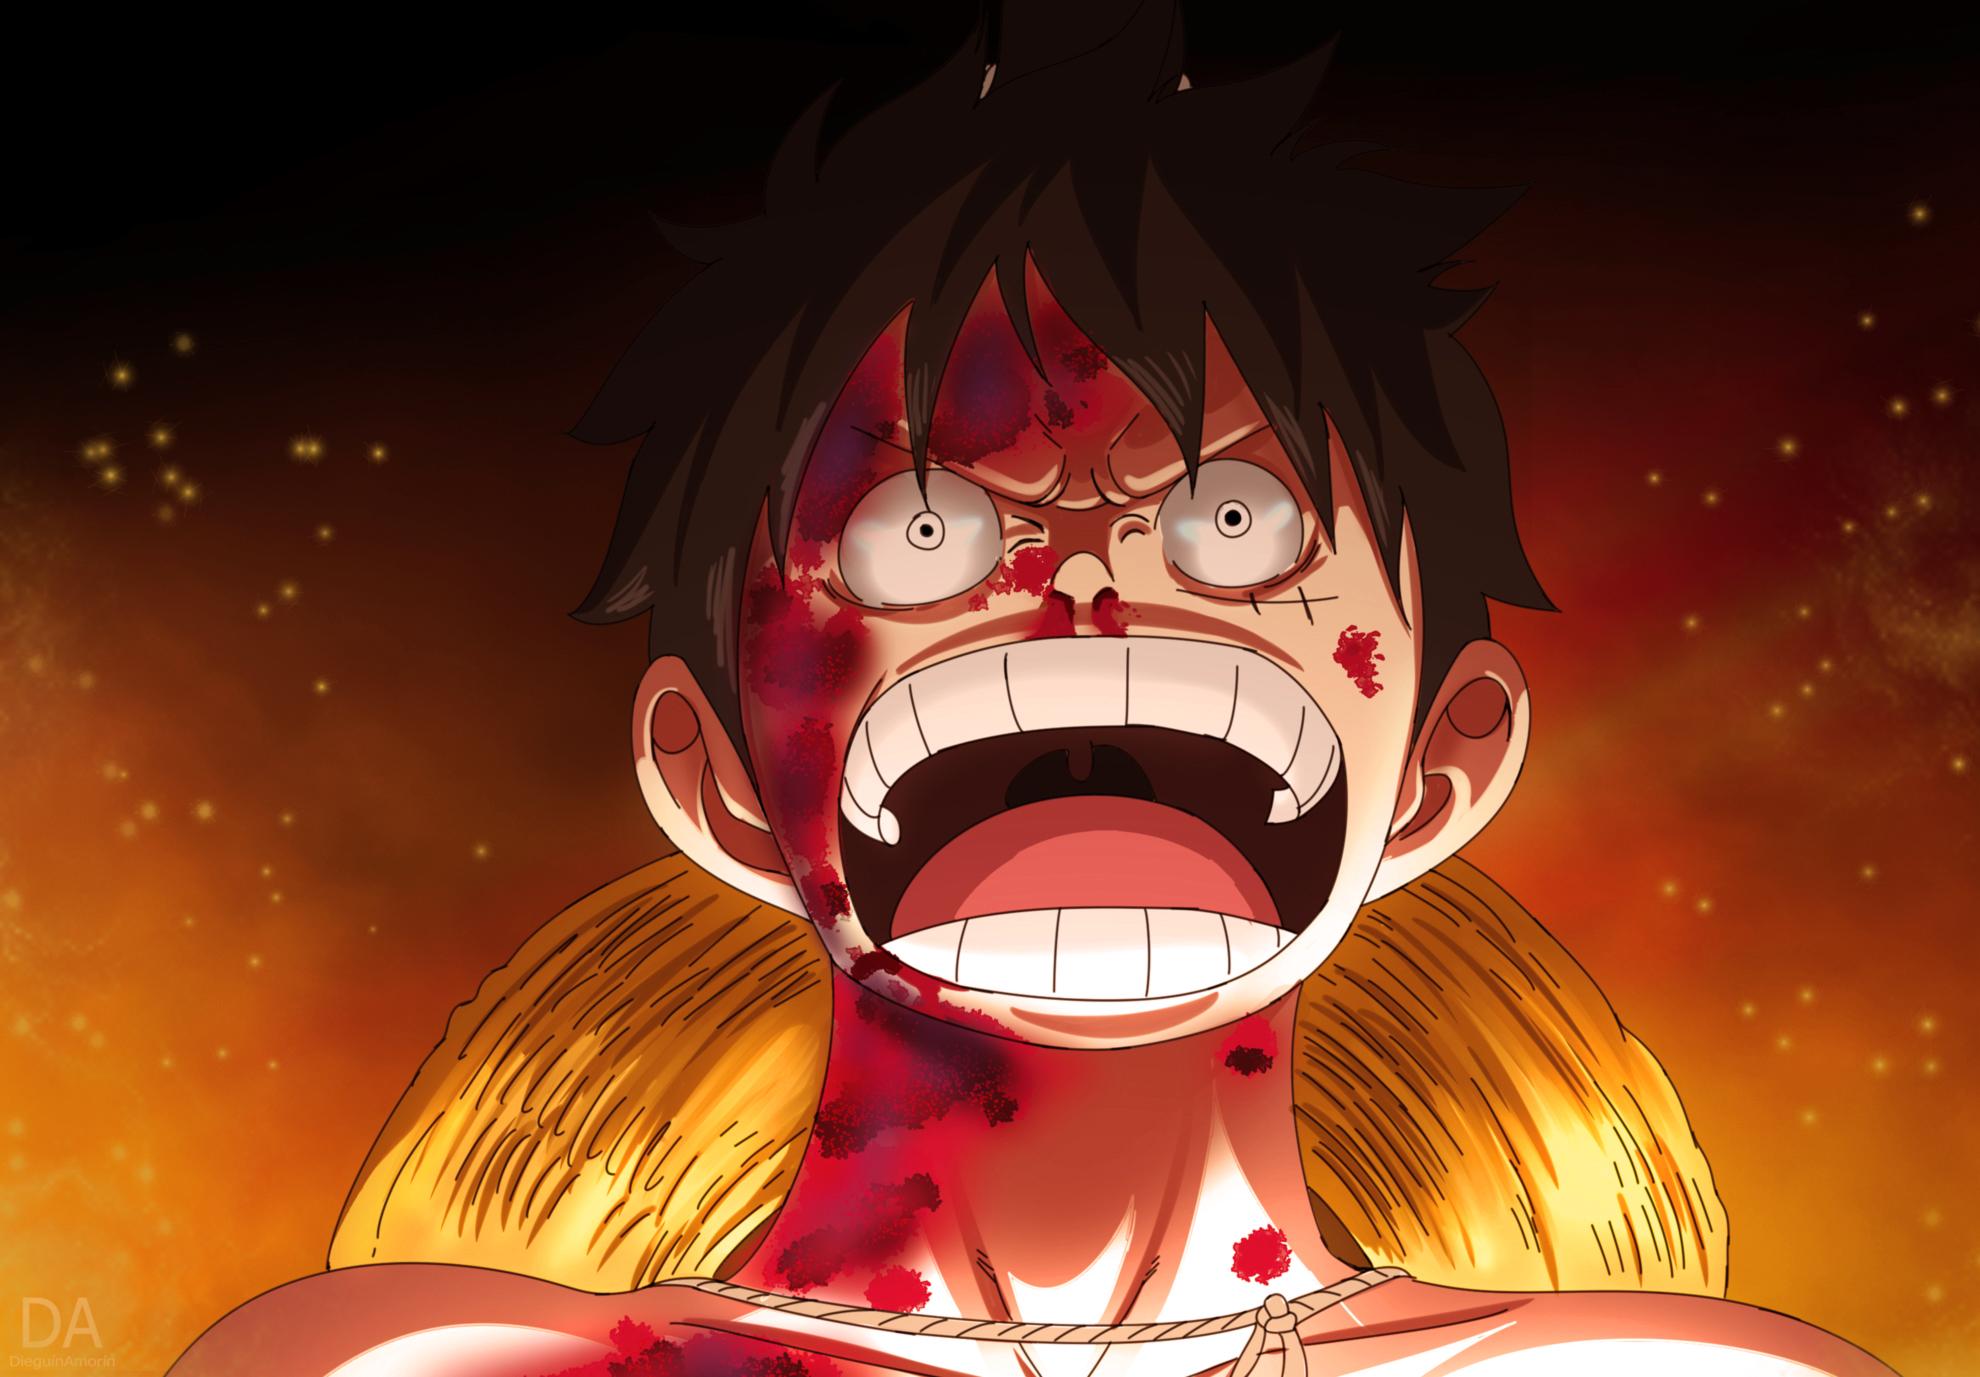 5513869bab Chapitre One Piece 950 Résumé et premières images